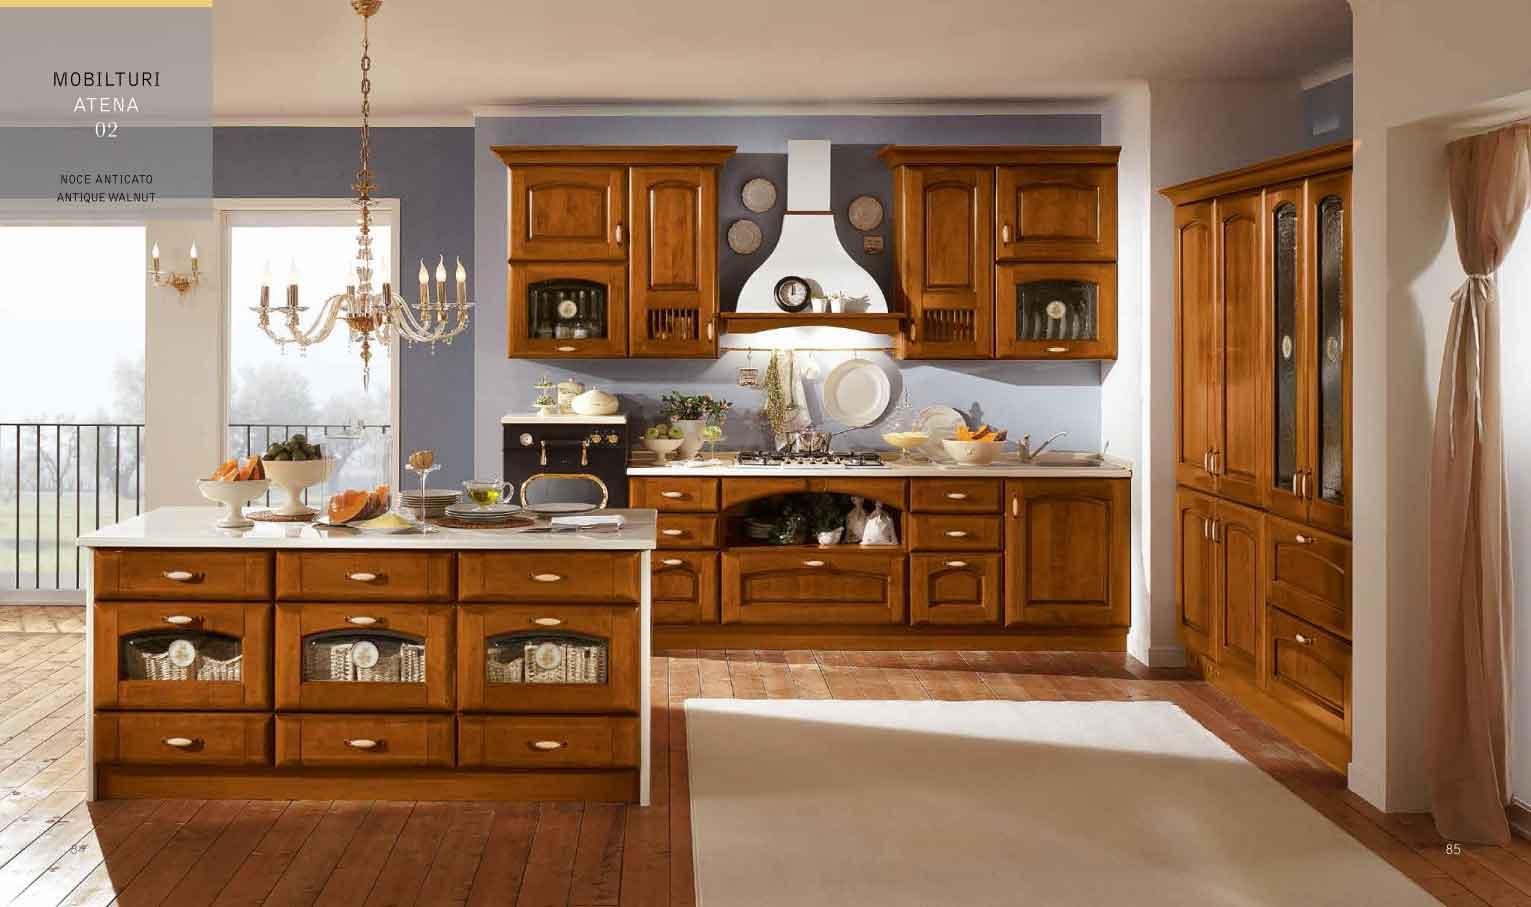 Cucina Athena Tutto Mobili Arredamento Camere Cucine Ufficio Roma #753F15 1531 907 Camere Da Pranzo Moderne Roma